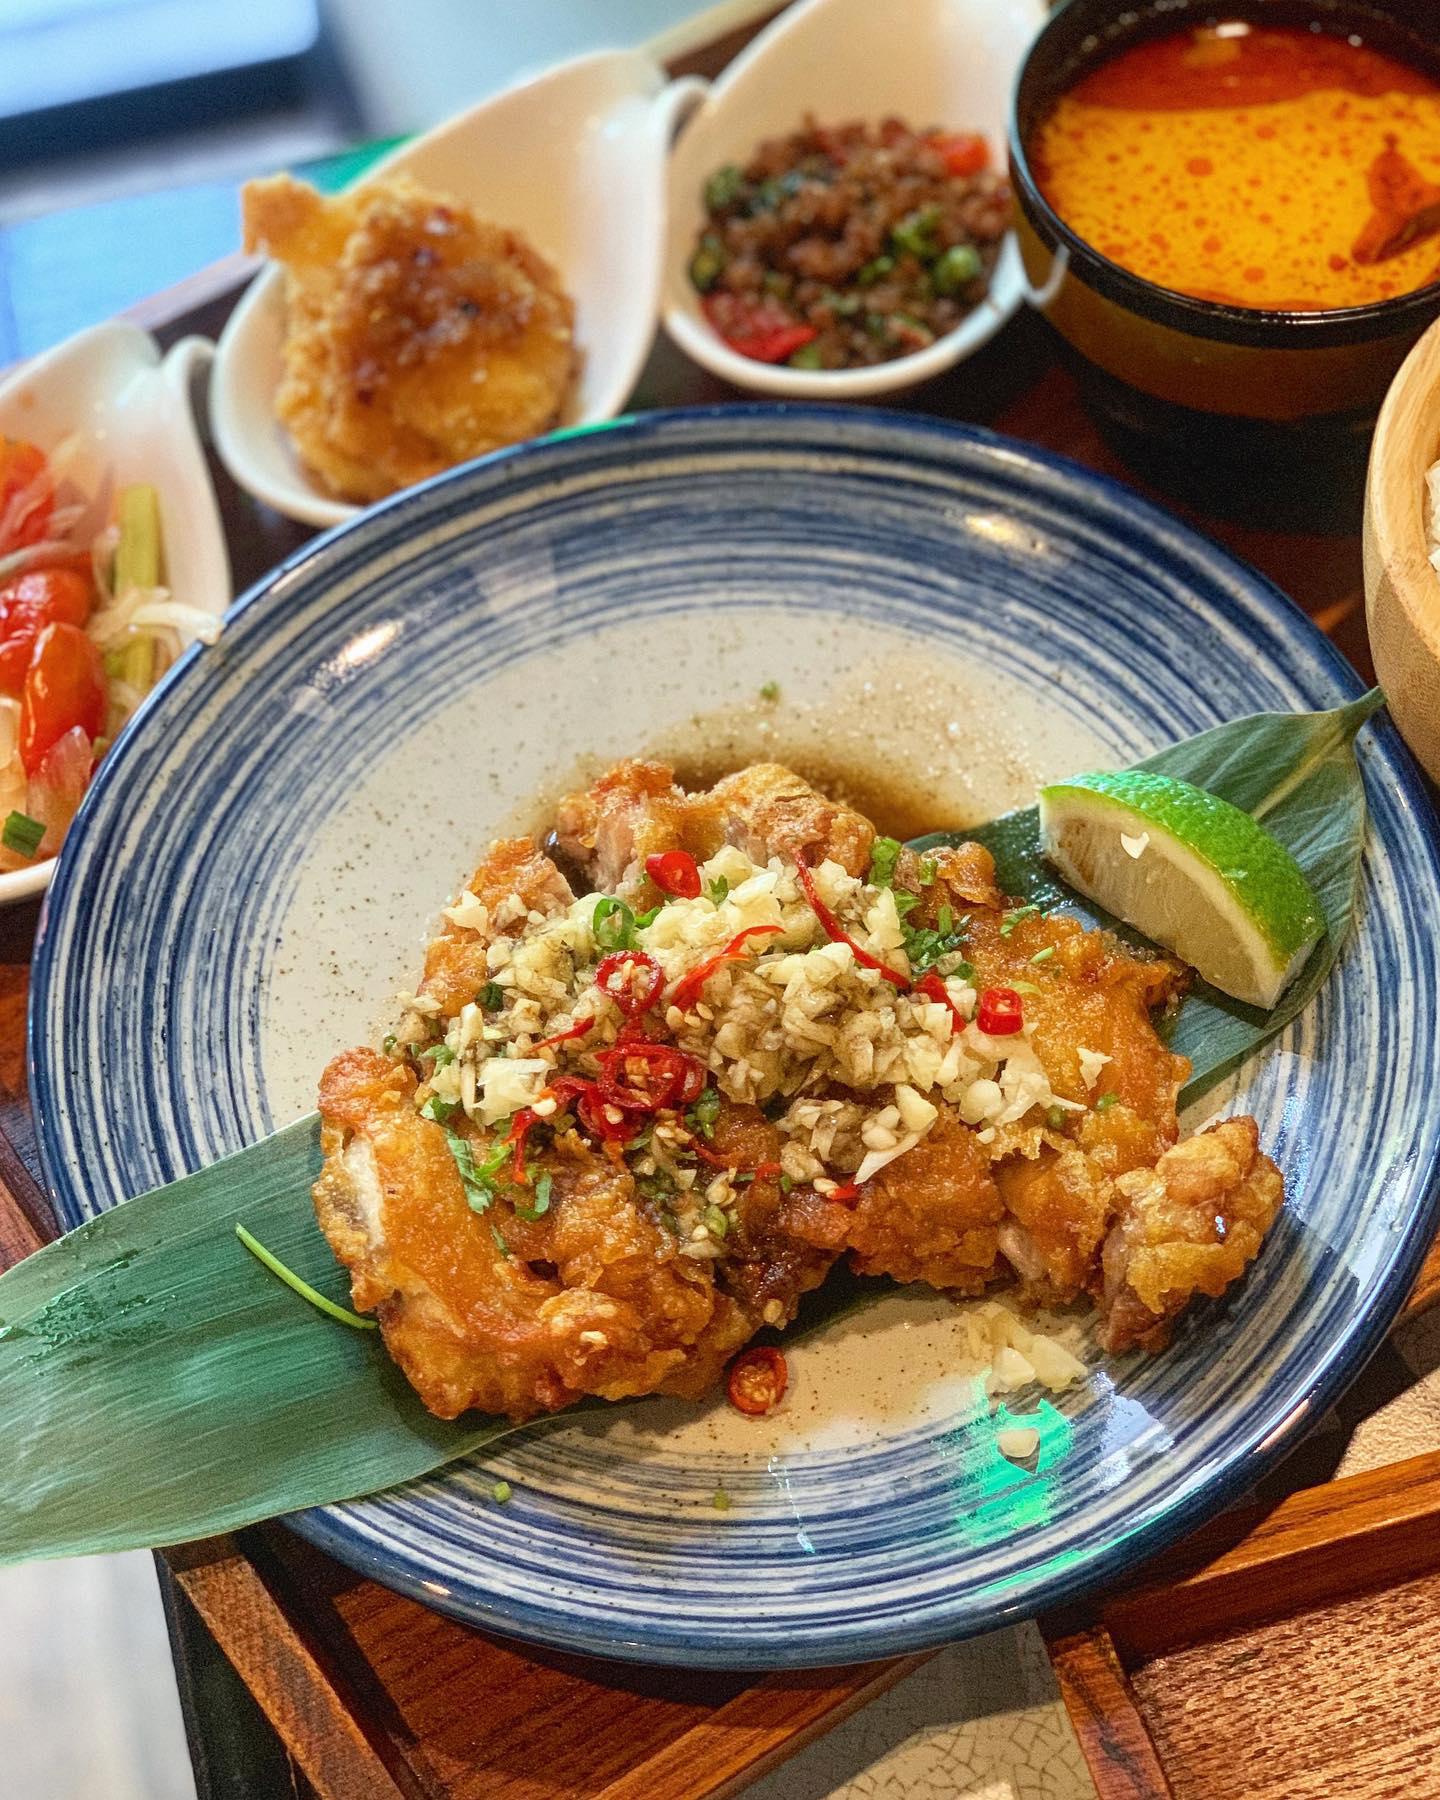 嘉義「泰」多好吃的!「泰一定食」紅咖哩、椒麻雞、公仔麵必點! | 嘉義、Chiayi、嘉義美食、泰式料理 | 愛 ...